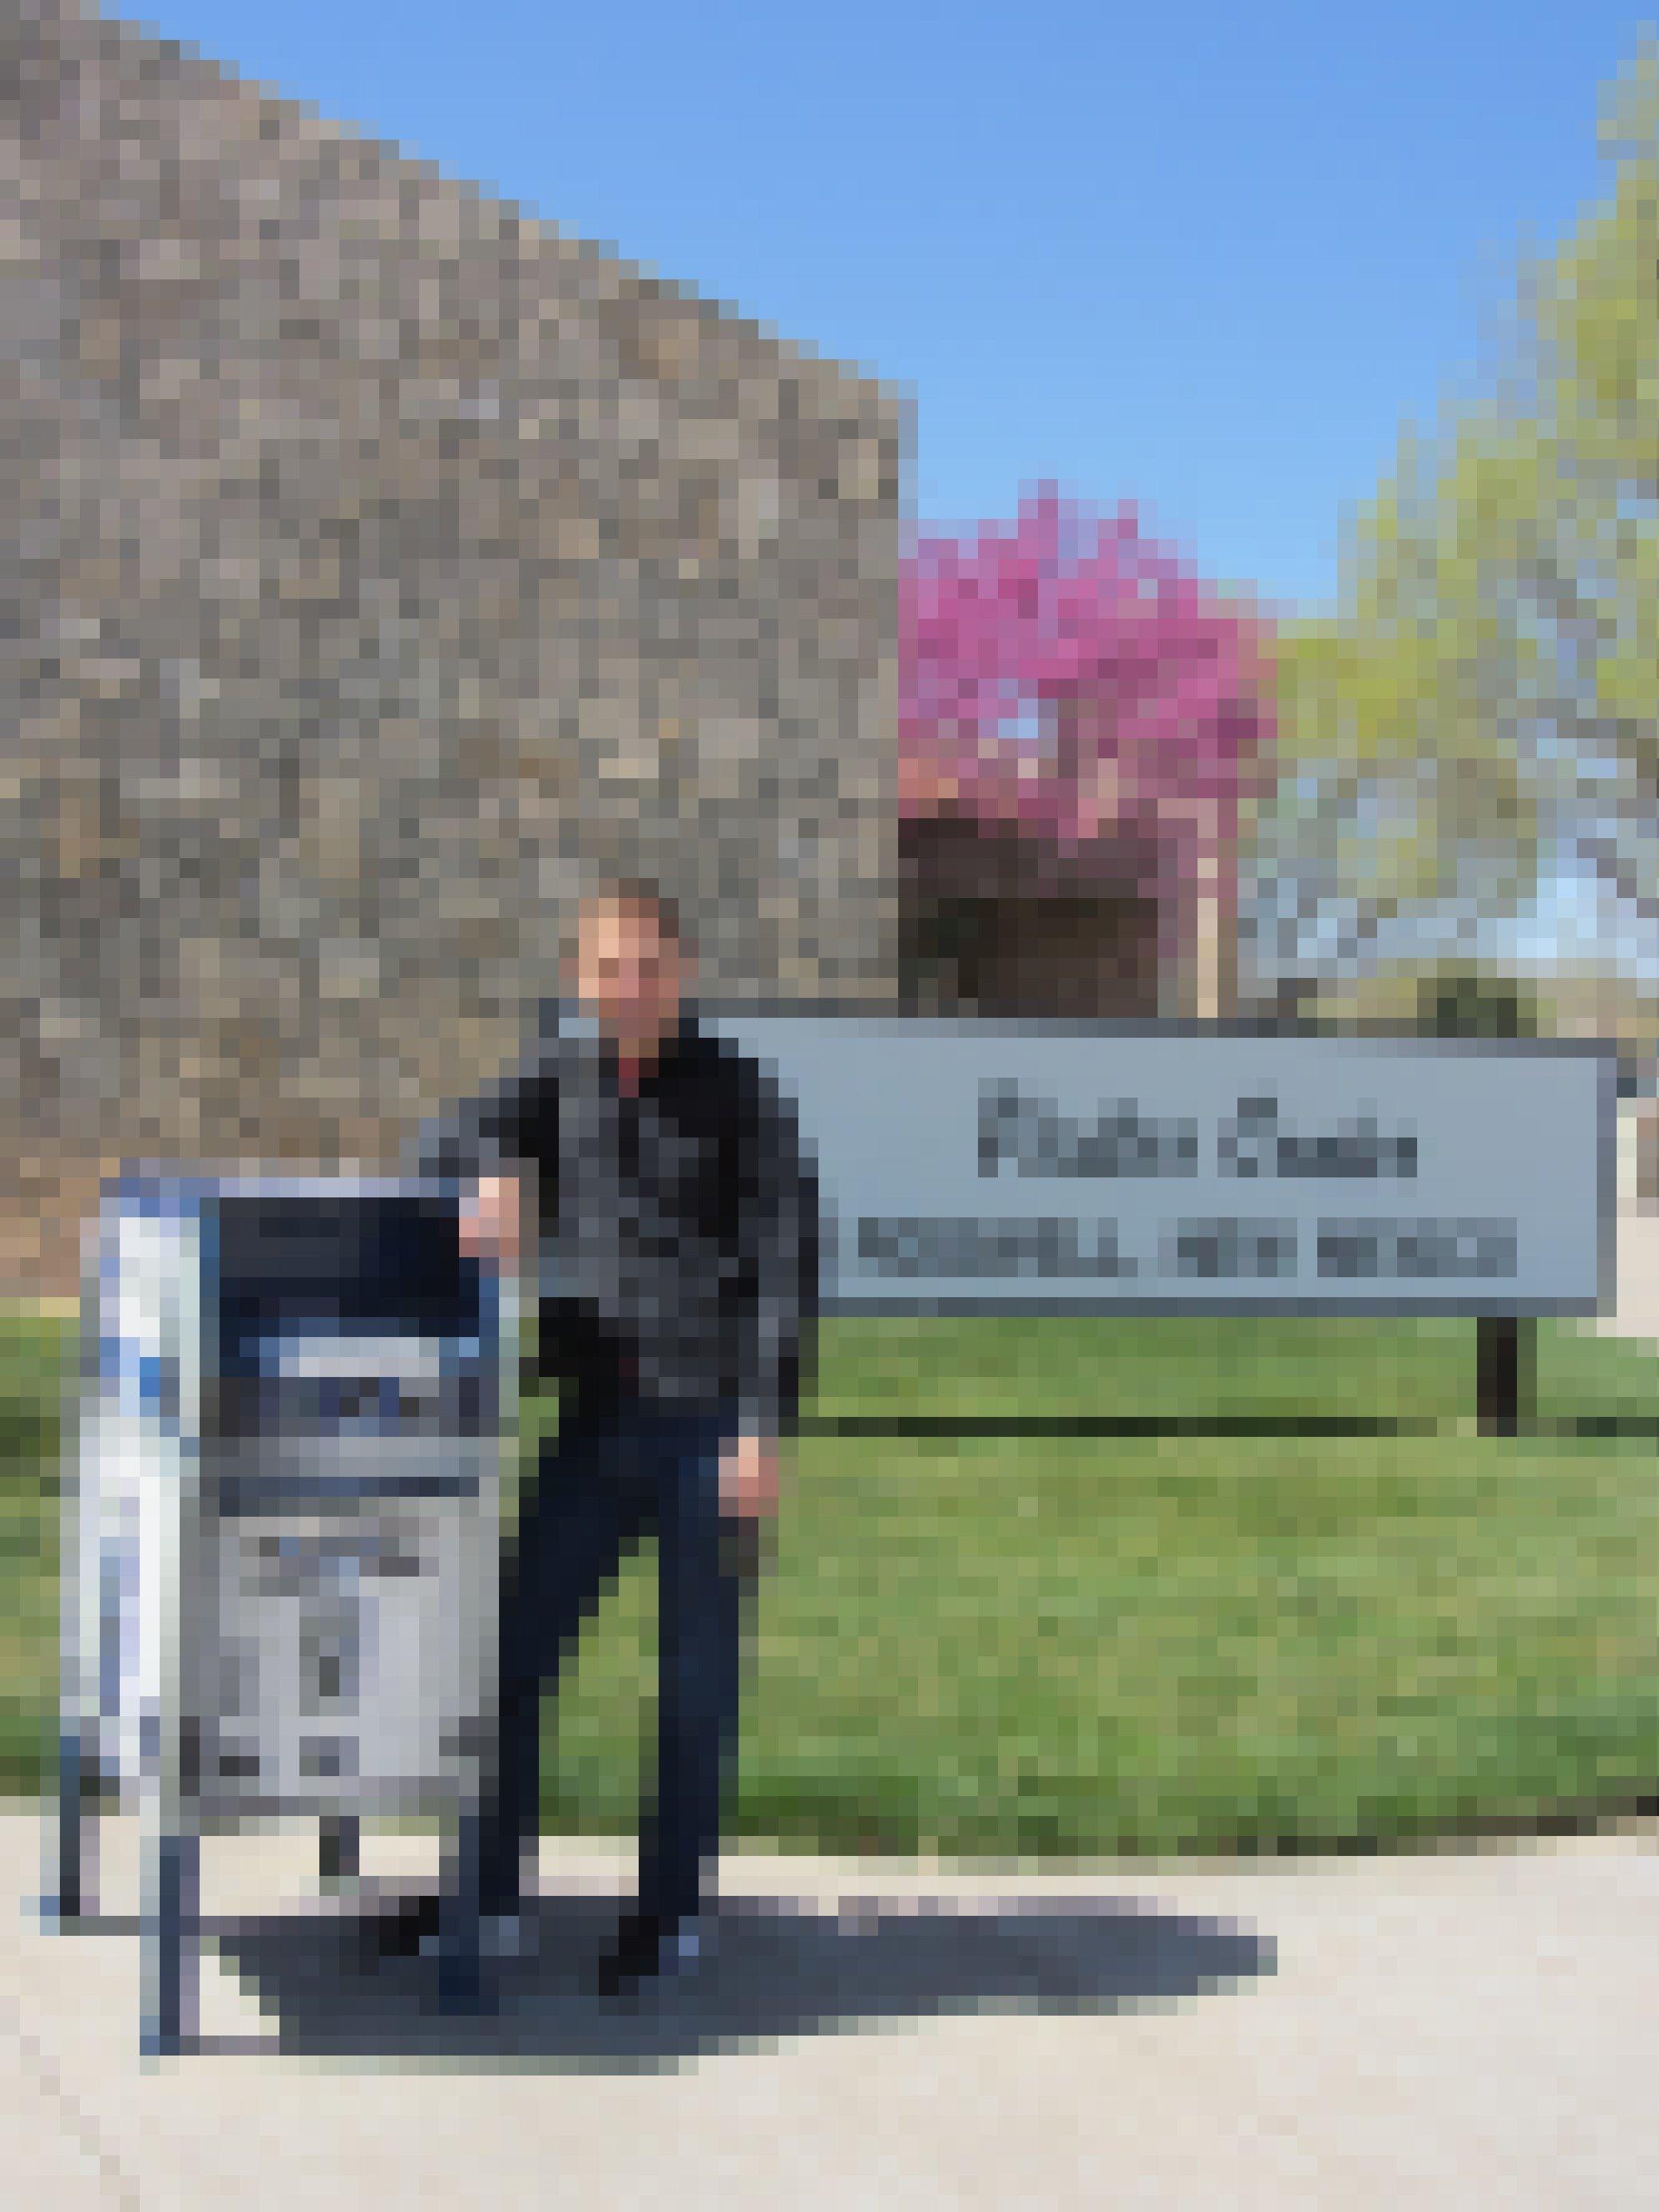 """Ein junger Mann steht neben einem Briefkasten, der wie der Roboter """"R2D2"""" aus Star Wars aussieht."""